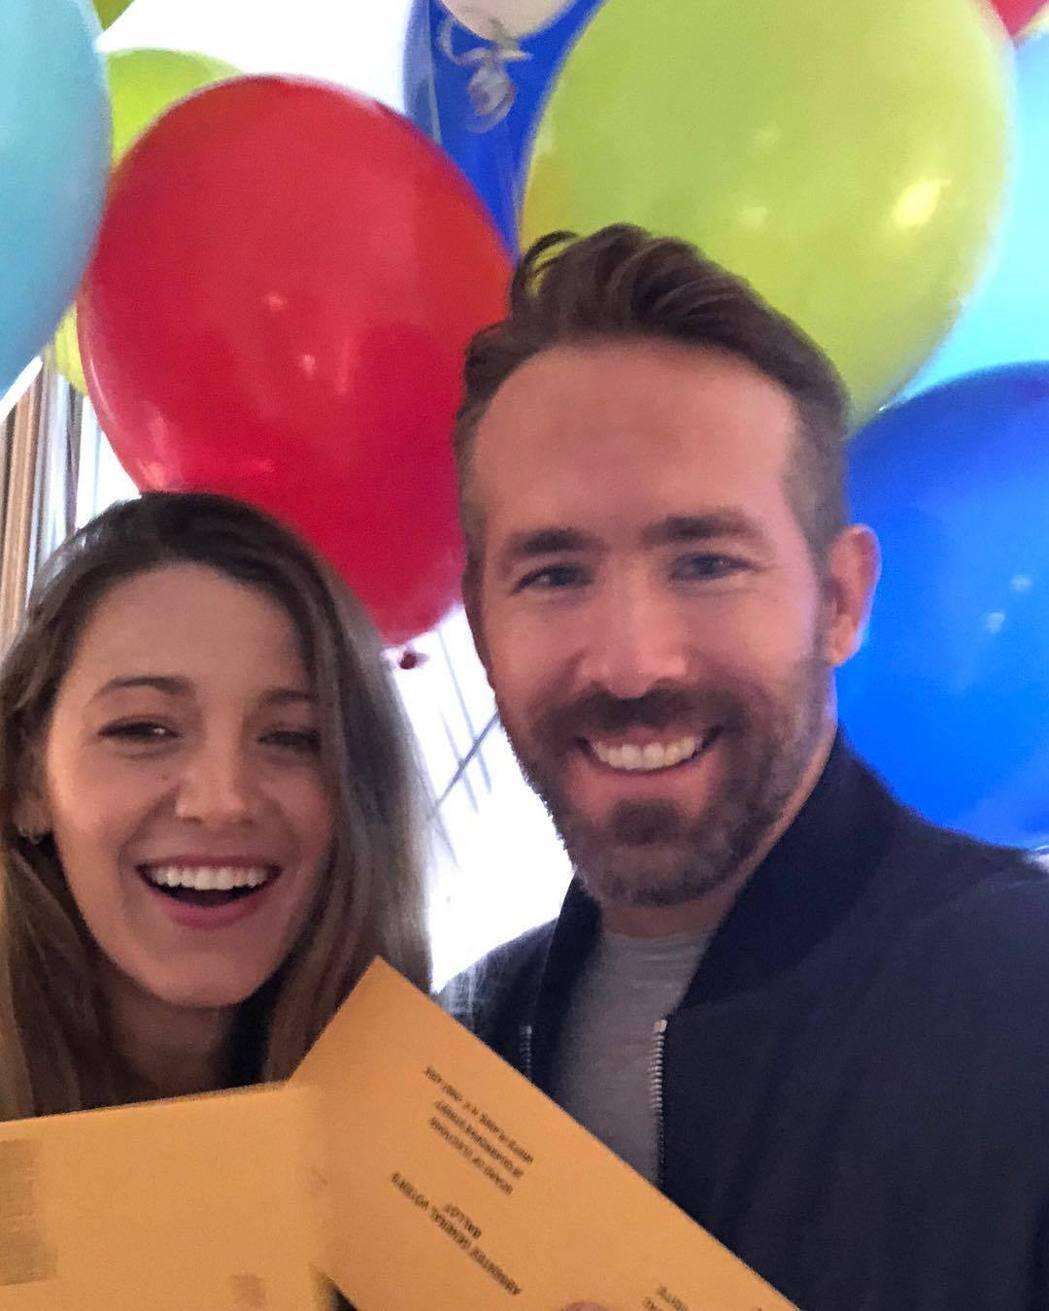 萊恩雷諾斯與妻子布蕾克萊佛莉慶生不忘提醒美國民眾11月中旬要投票。圖/摘自Ins